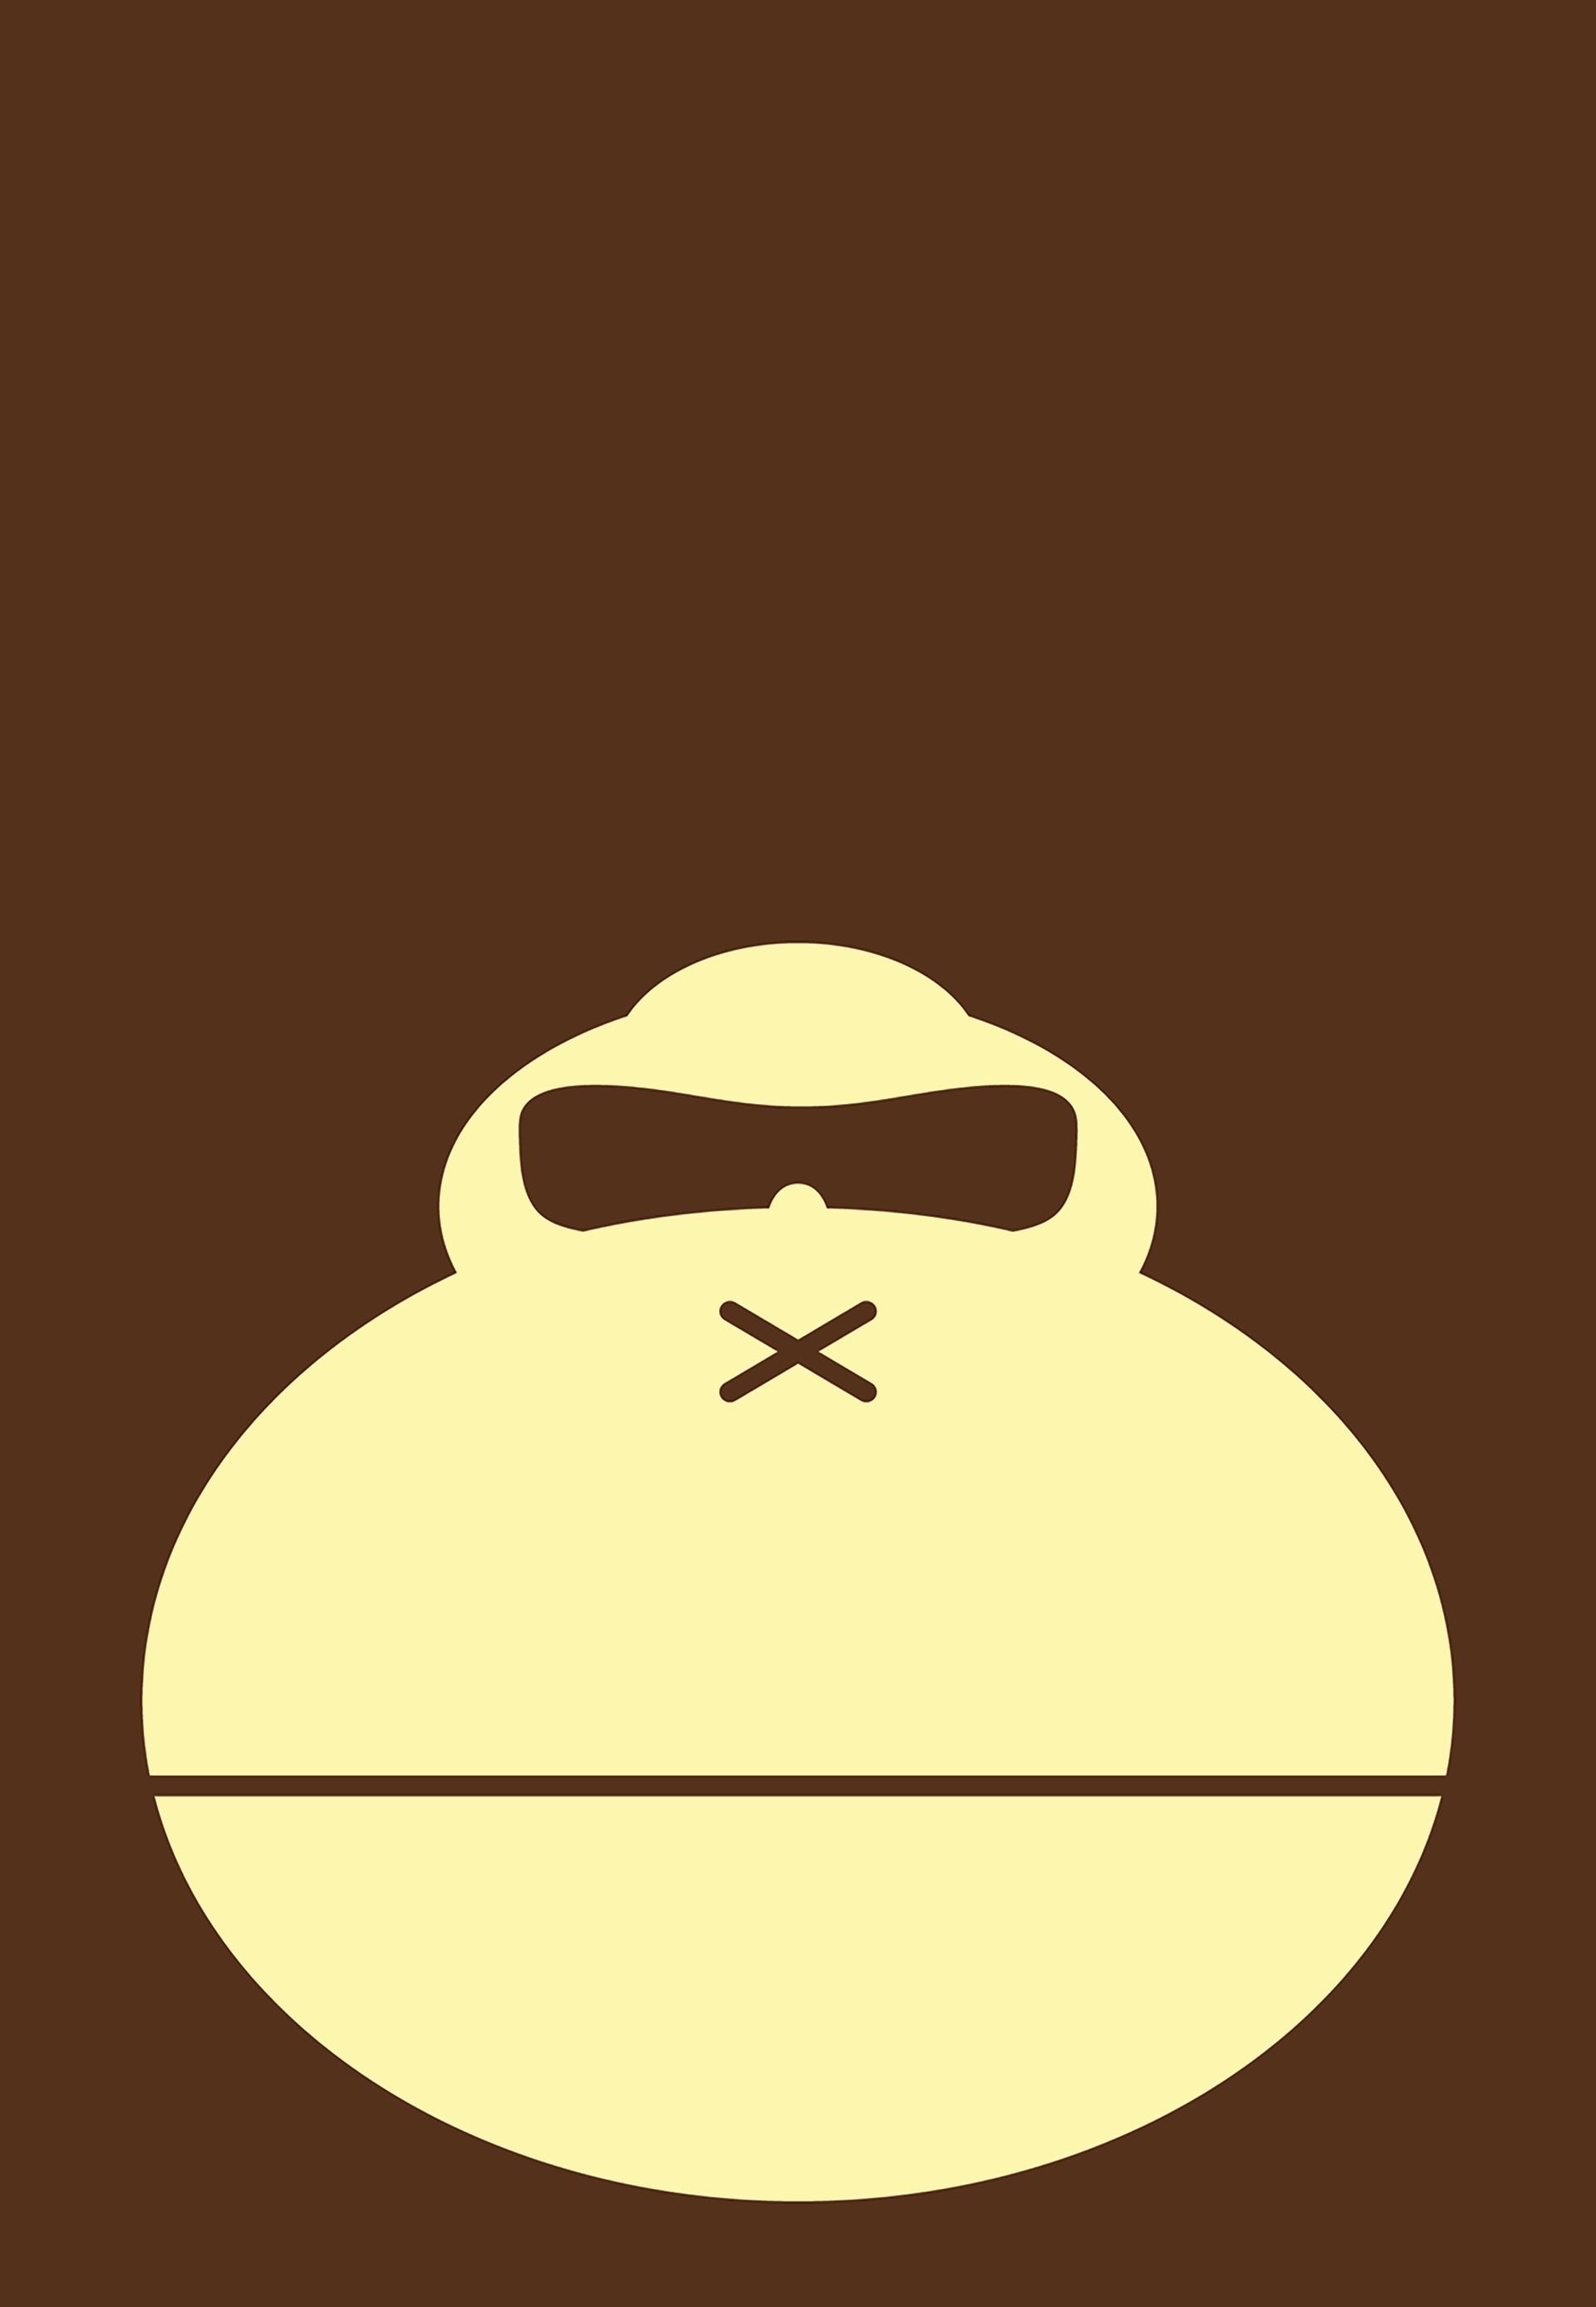 sun-bum.png